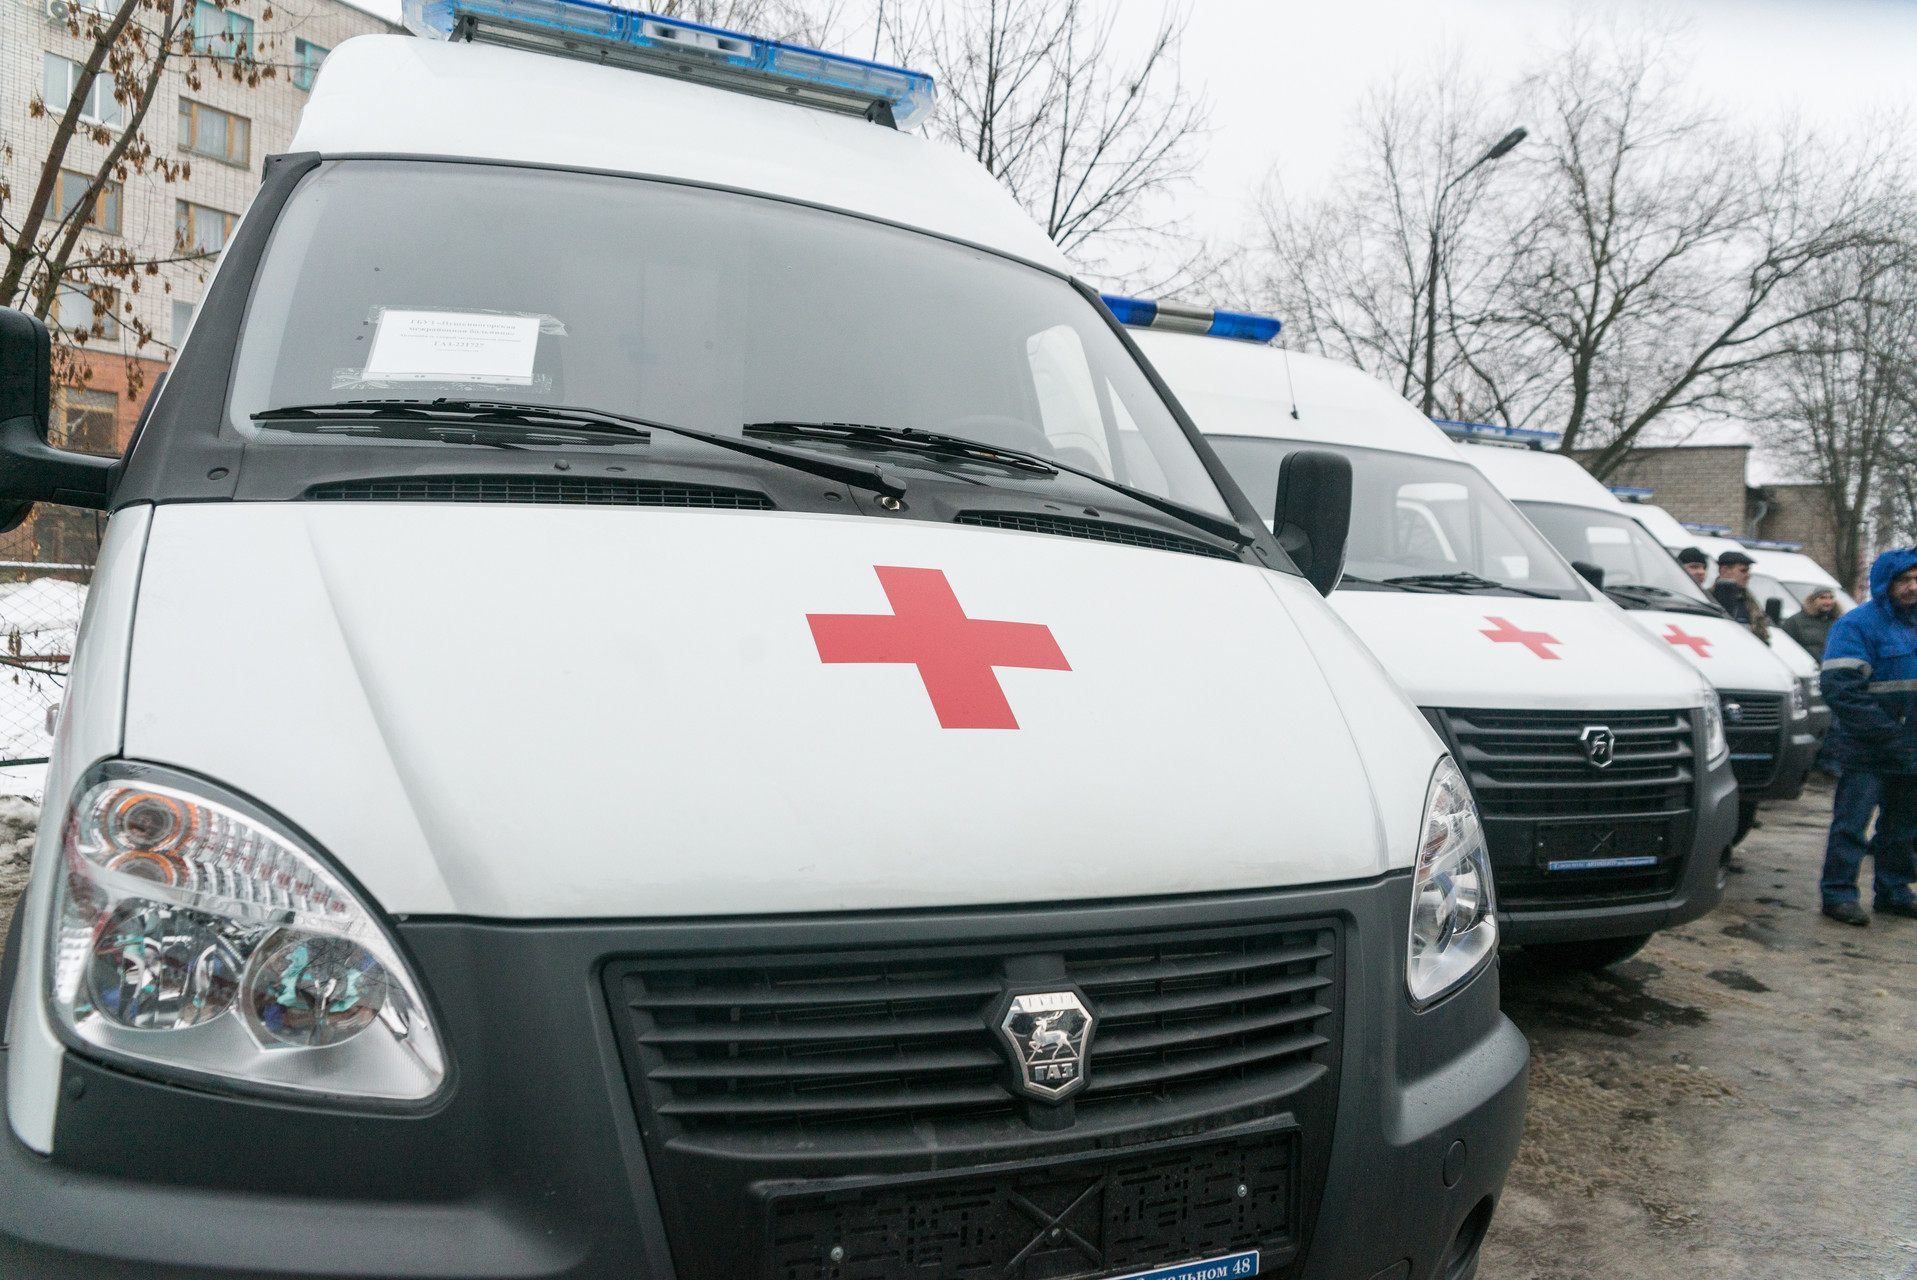 Уровень заболеваемости коронавирусной инфекцией в Пскове составляет 85,6 на 100 тысяч населения. Фото: Дарья Хваткова.